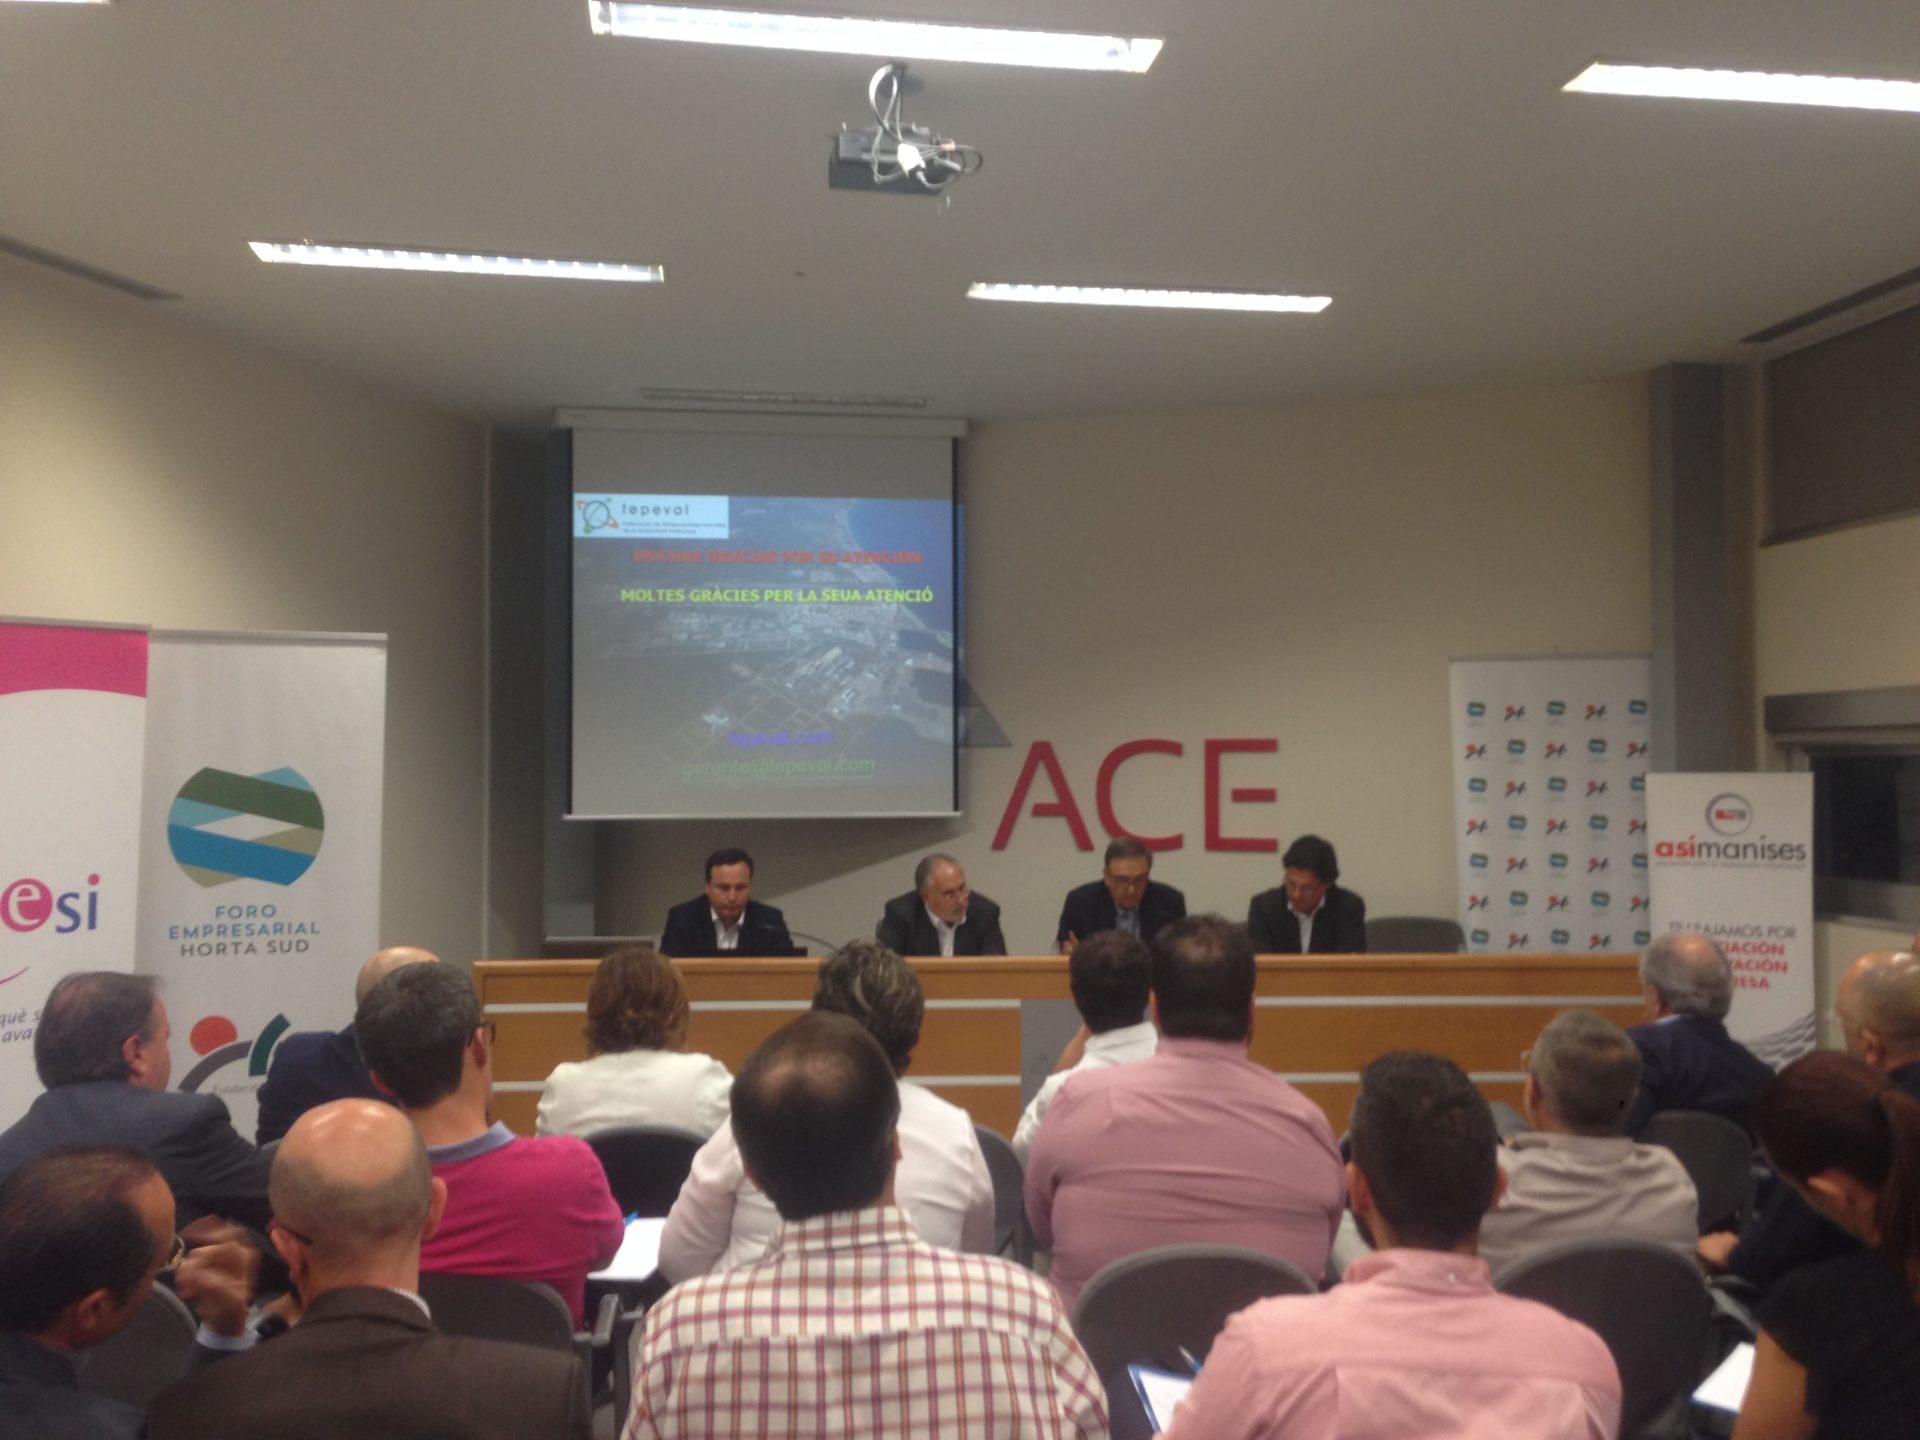 Conferencia de los directores generales Diego Maciá y Toni Such en el Foro Empresarial de L'Horta Sud celebrada en ACE.